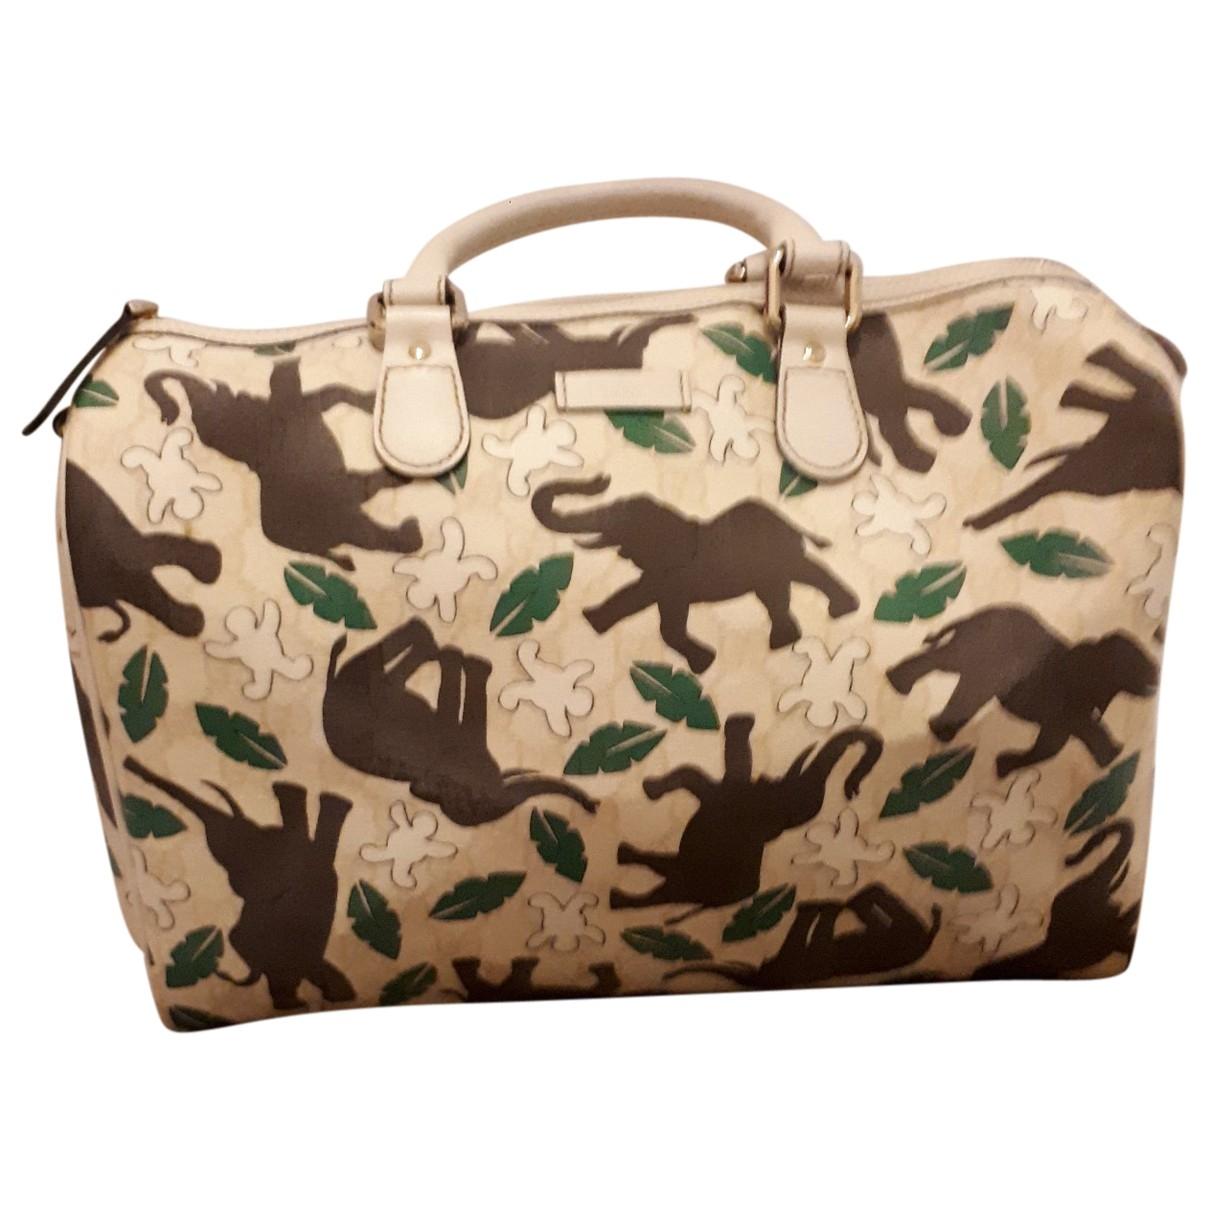 Gucci Boston Handtasche in Leinen